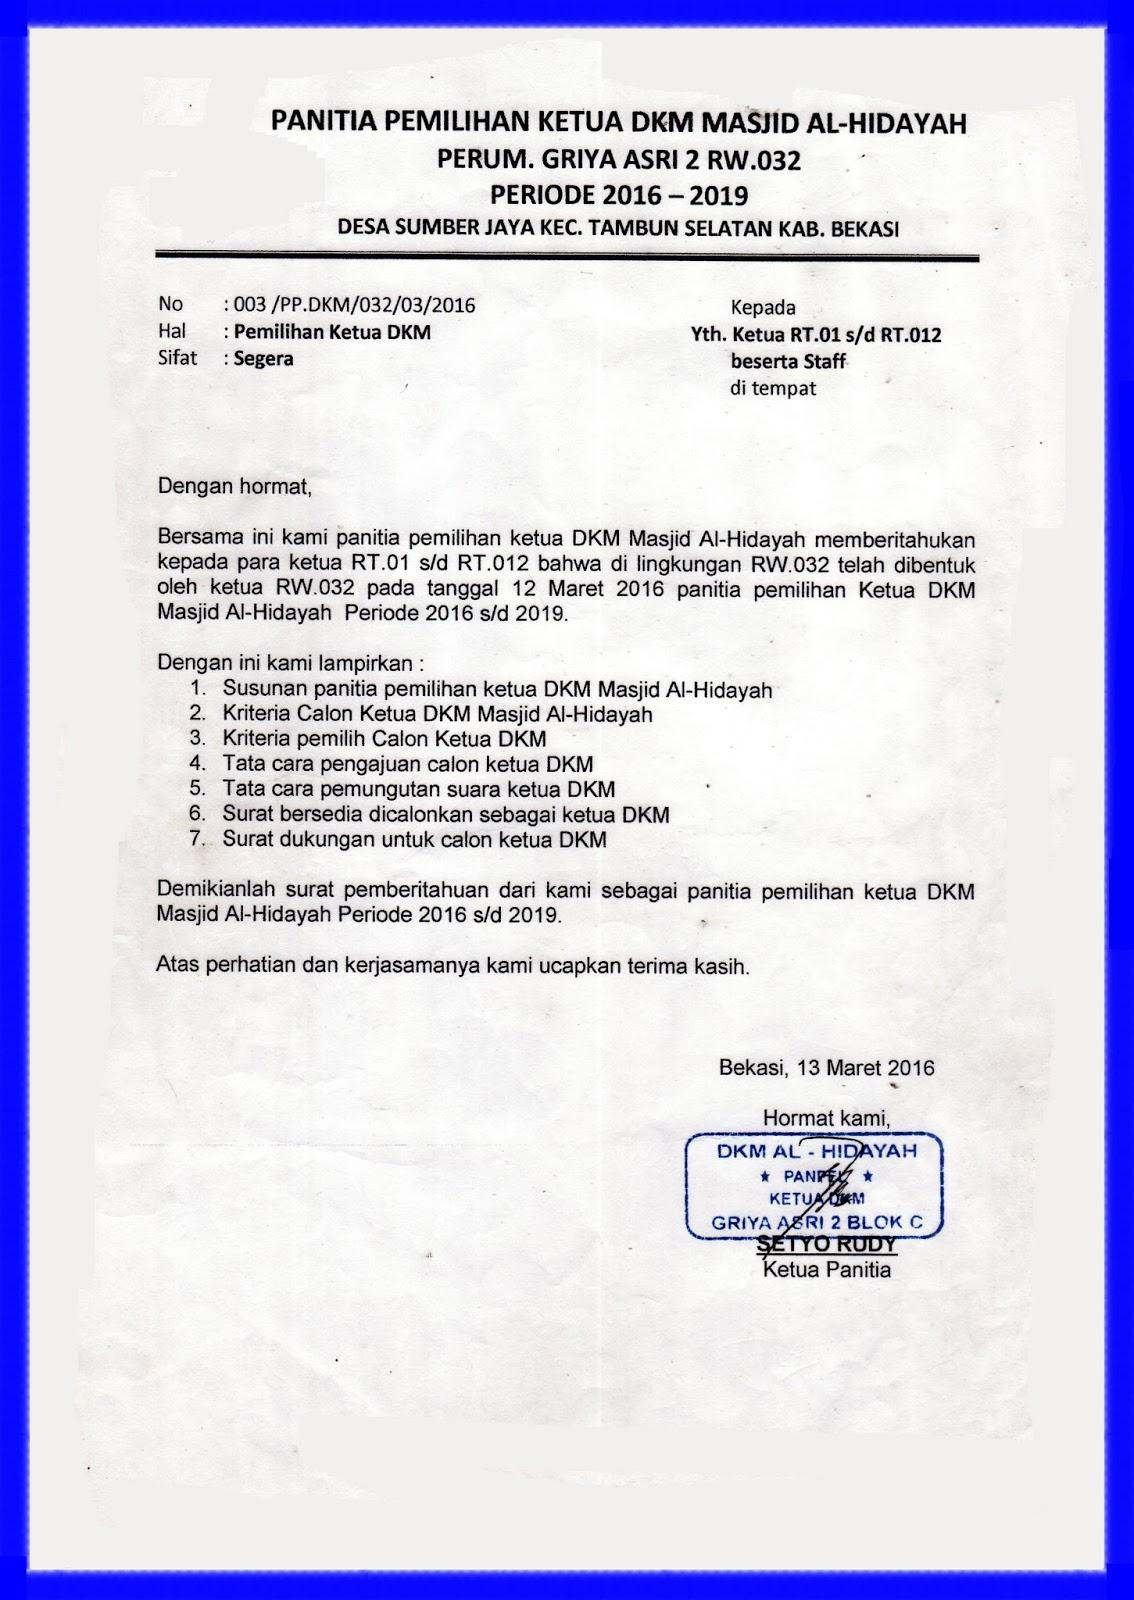 Pemilihan Ketua Dkm Al Hidayah Portal Rw 032